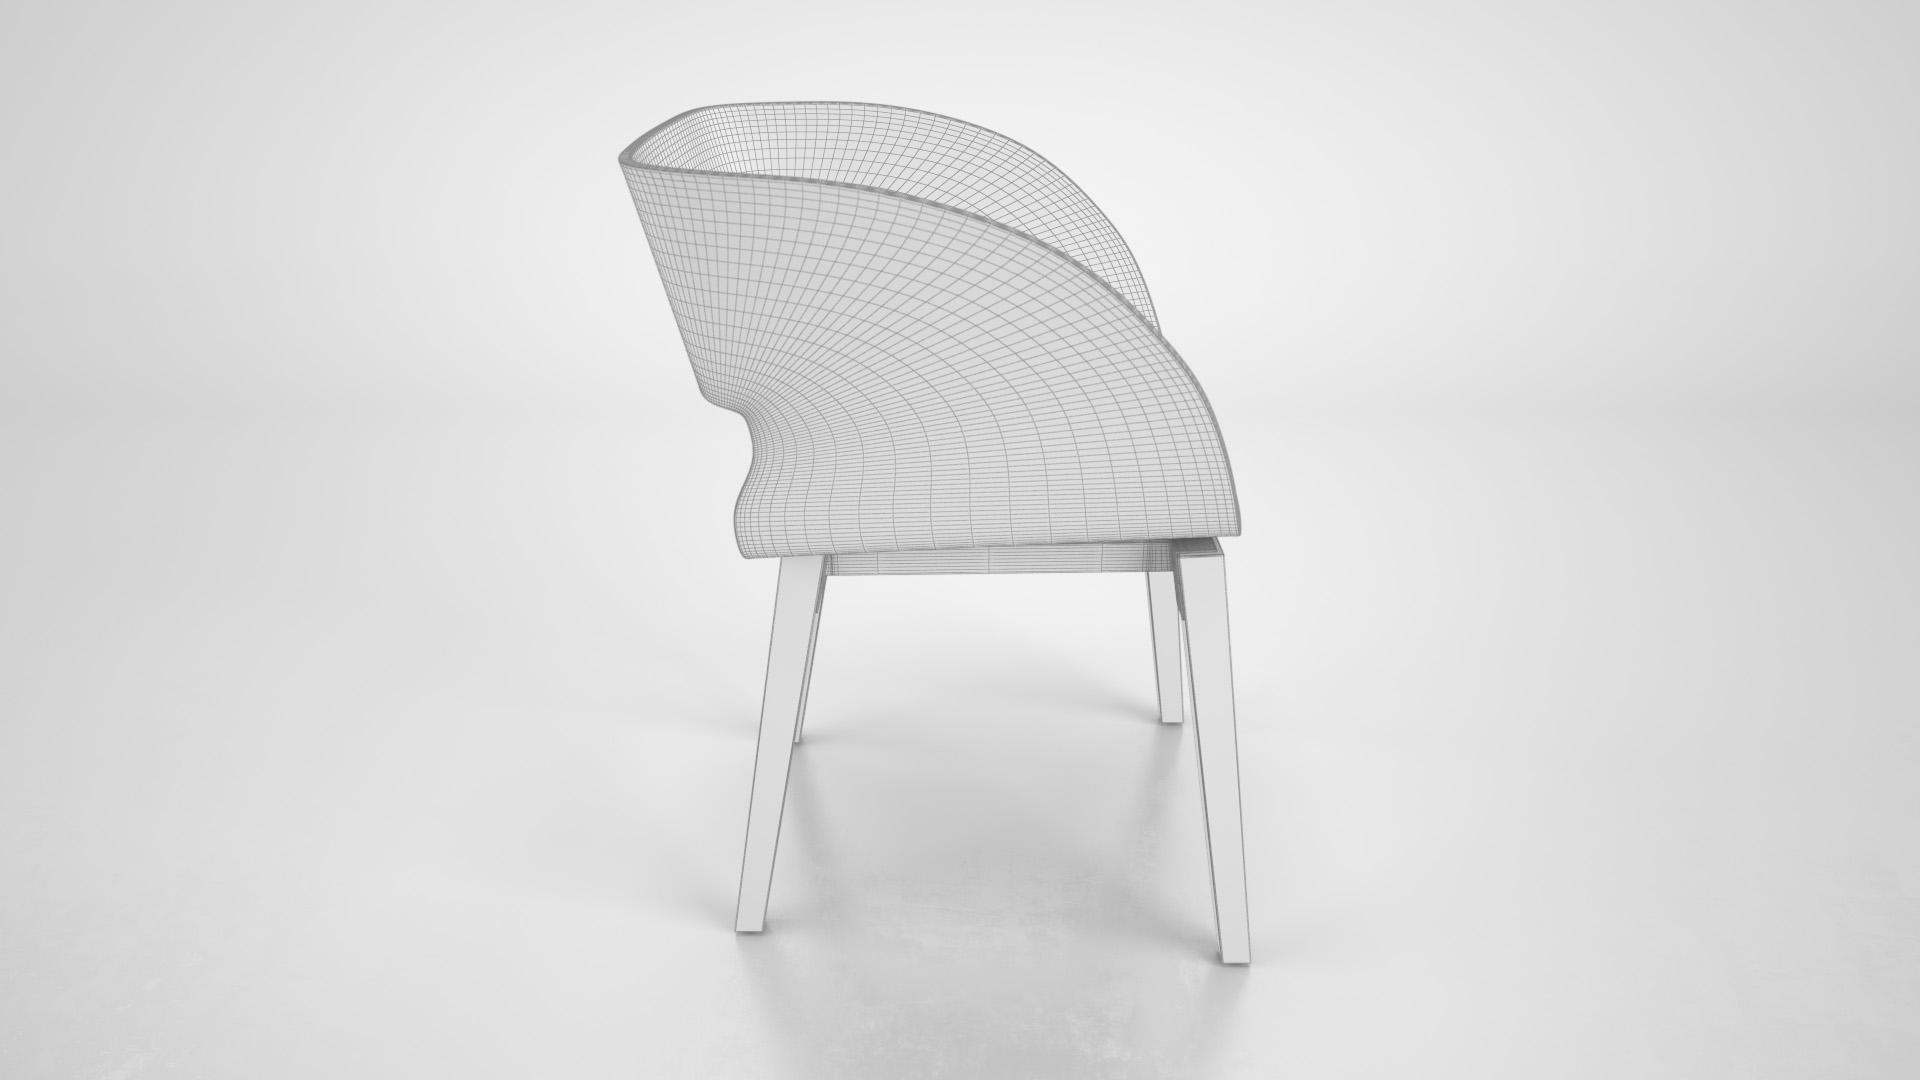 Tribu_Vintage_Chair_TeakLegs_WhiteSet_01_wire_0002